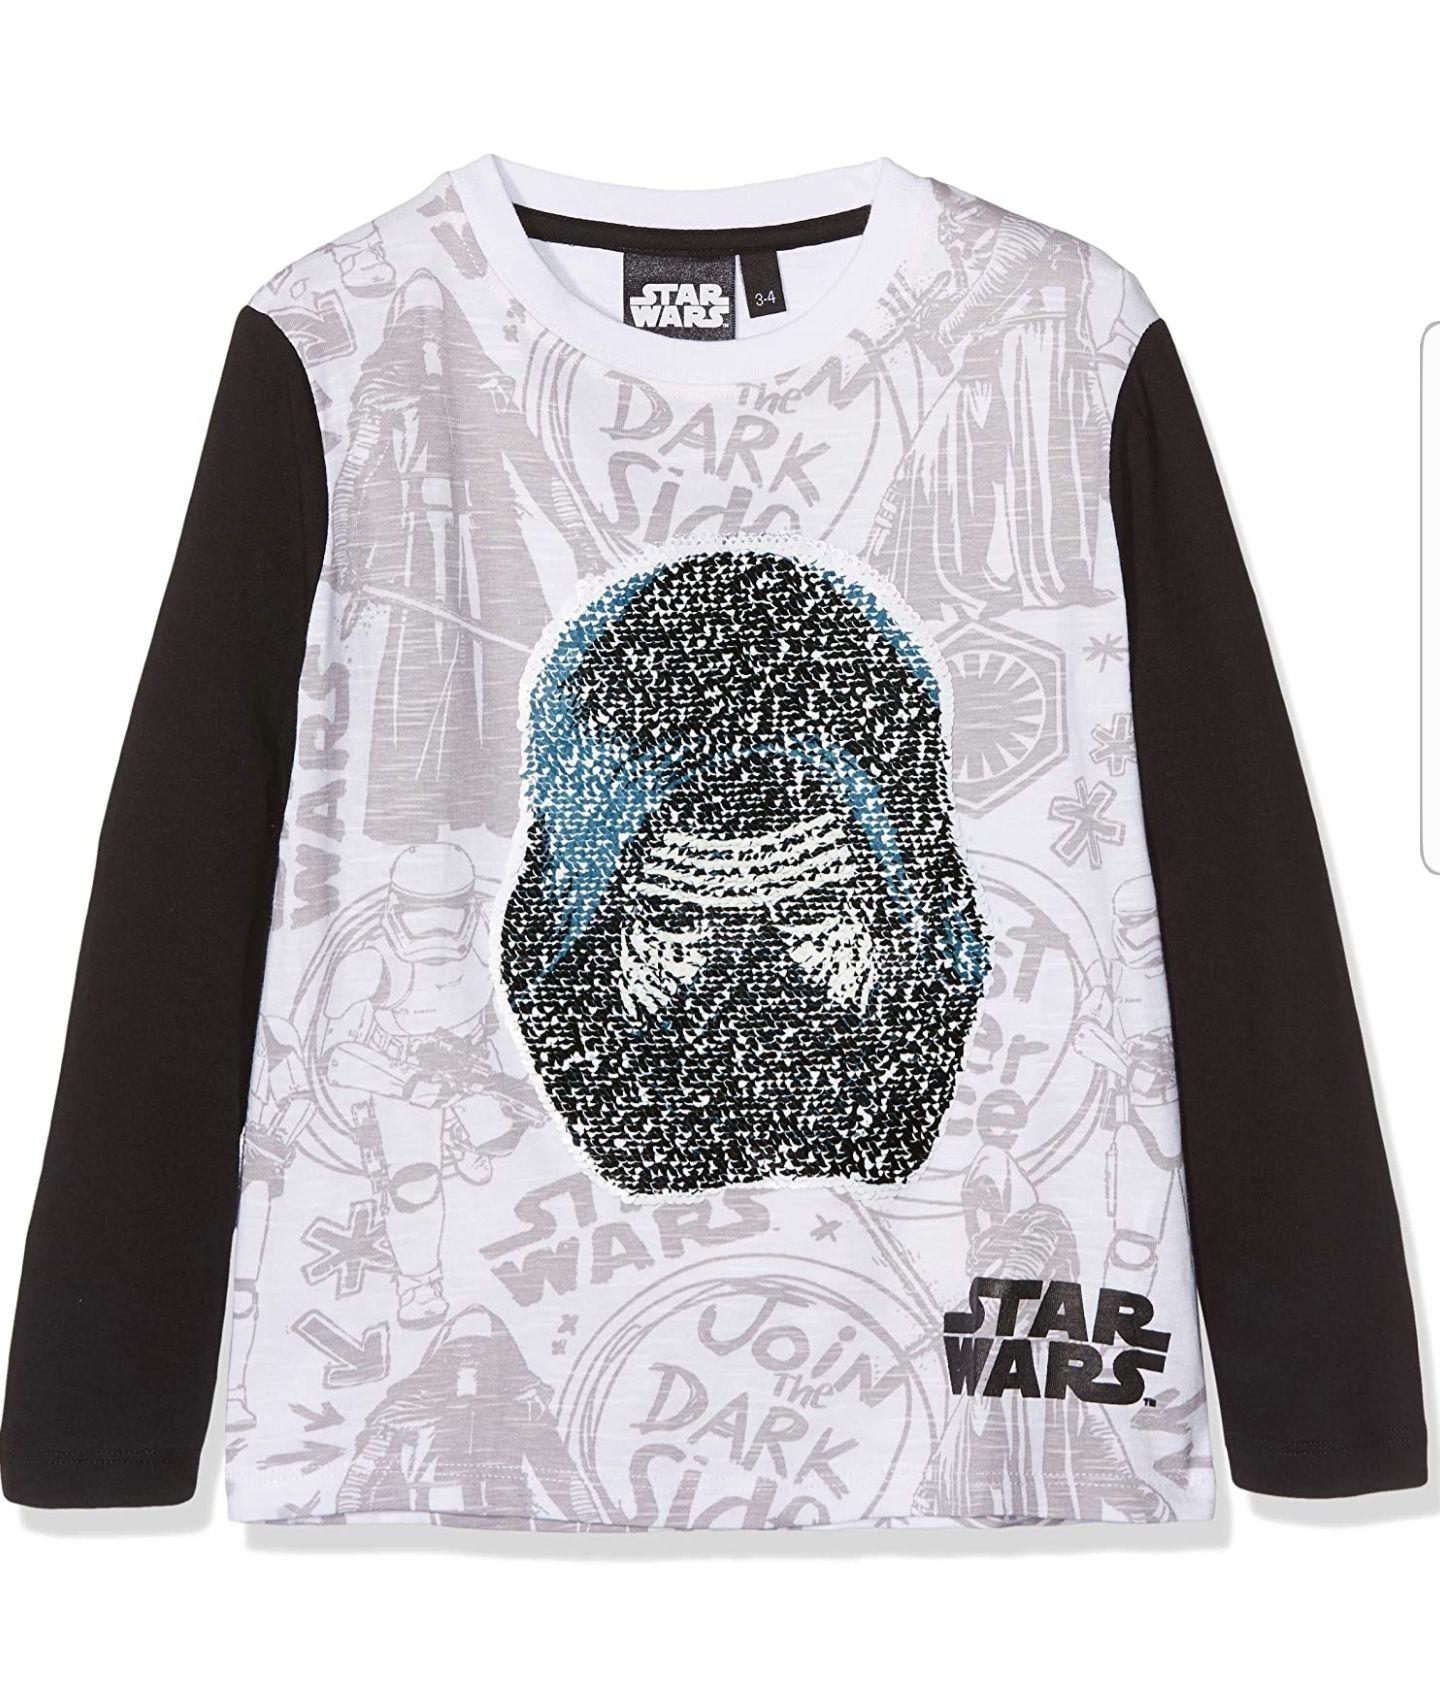 Camiseta para niños - Star Wars Desigual (talla 11/12)